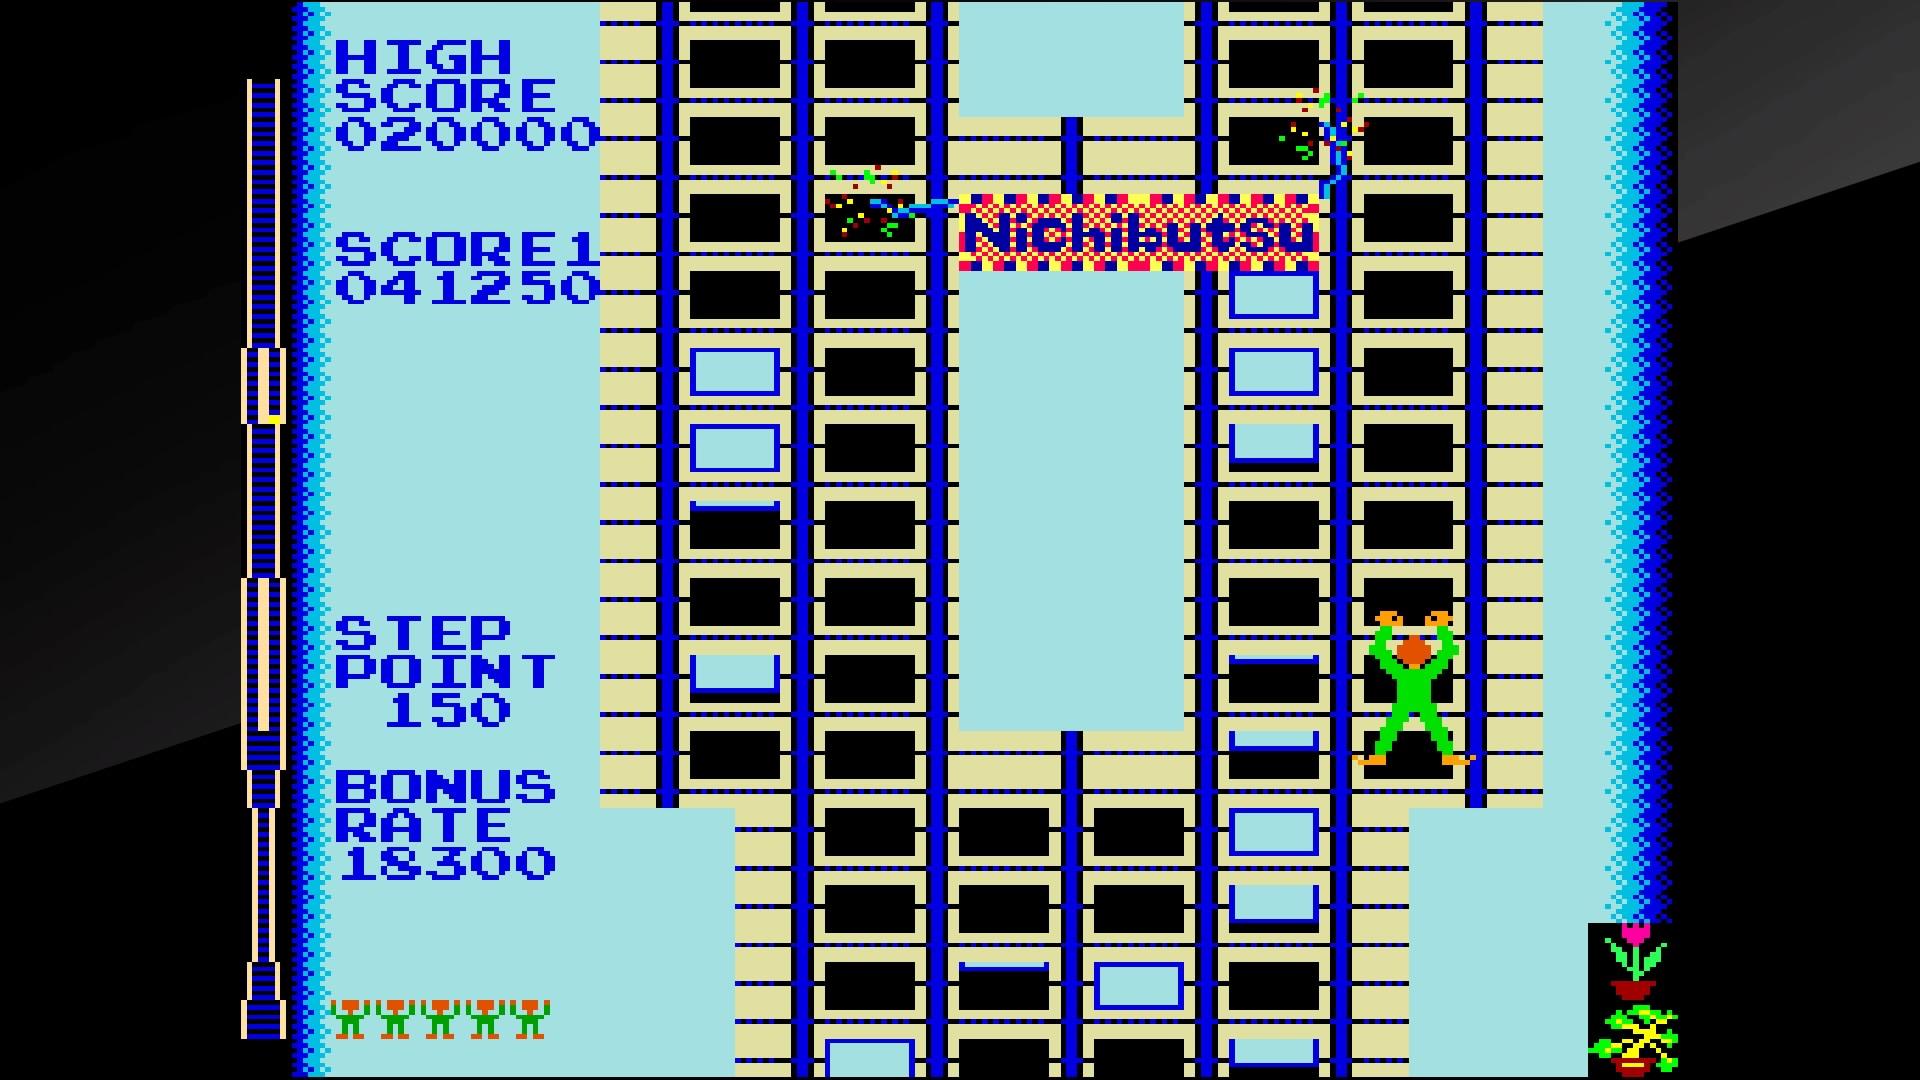 途中、ビルが分岐したり、大きい障害物が落ちてきたり、鳥が糞を落していくなどさまざまなお邪魔要素が出現する